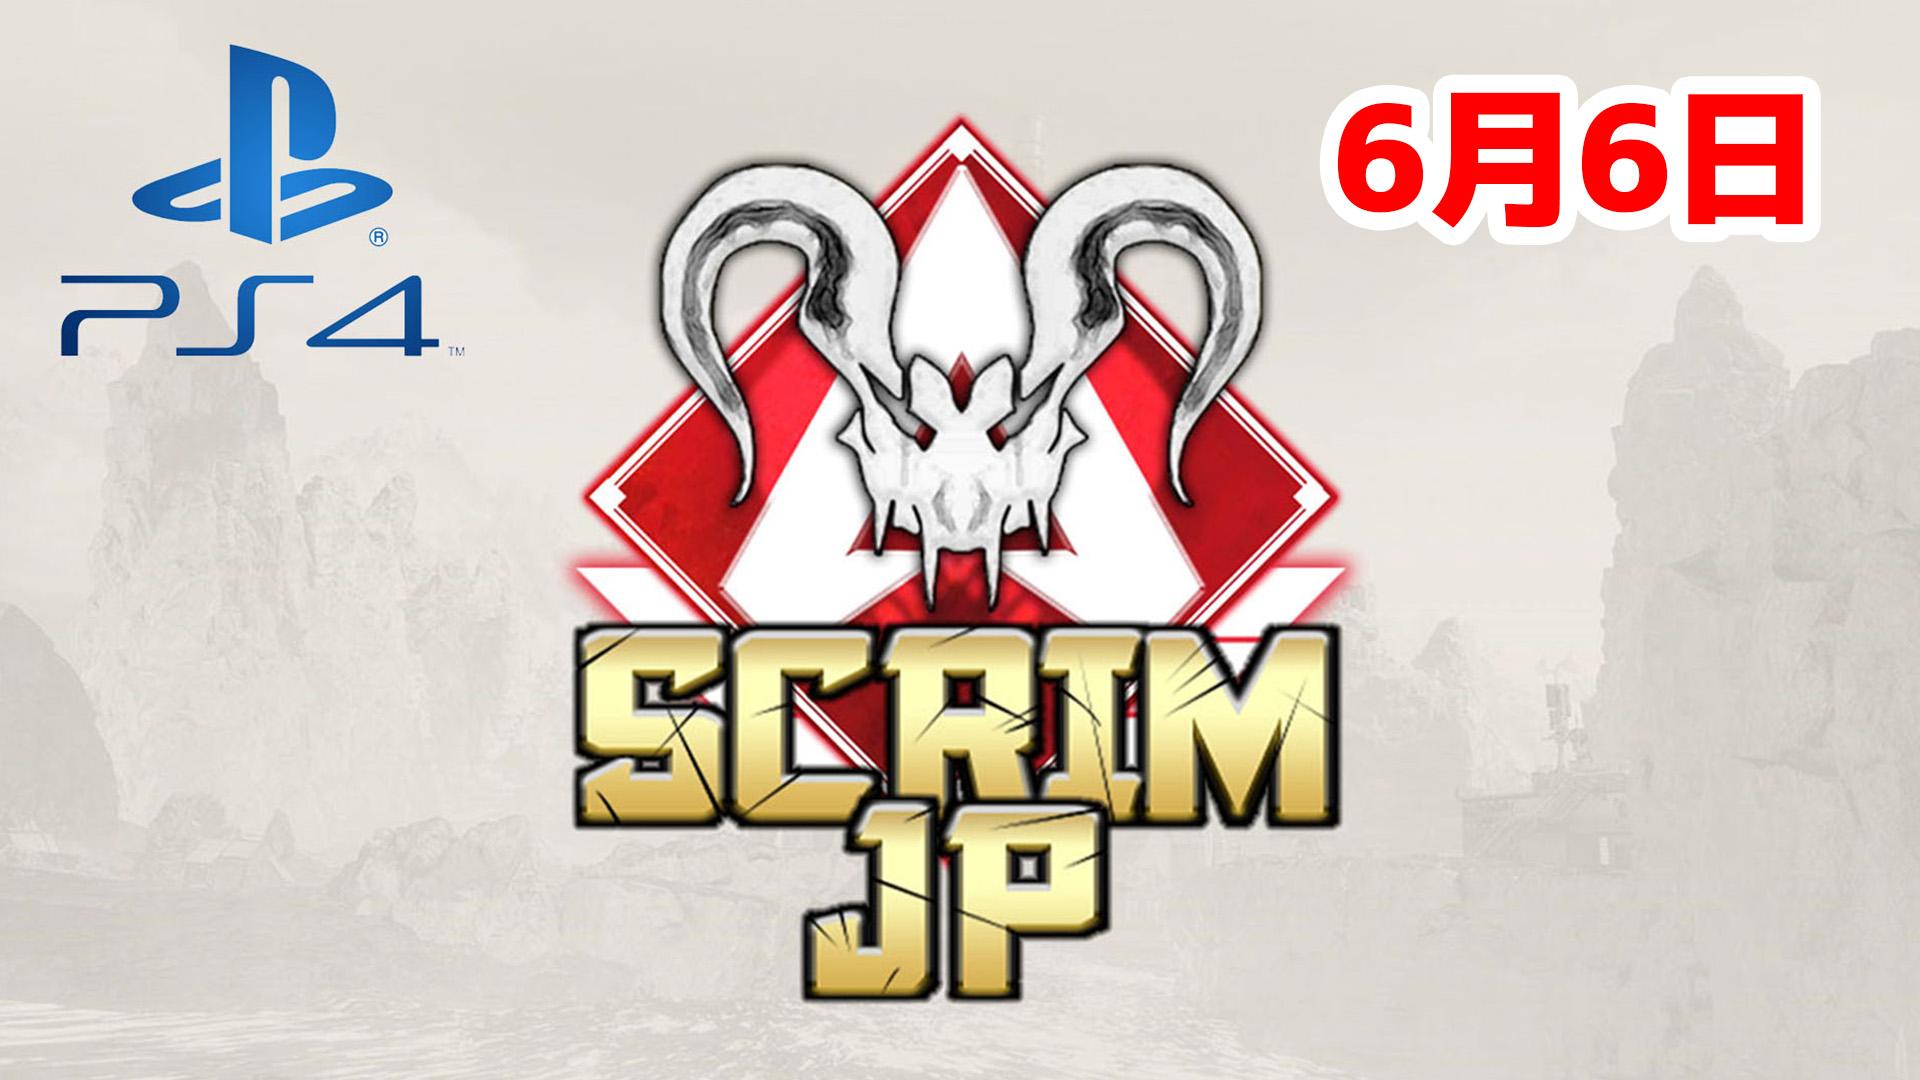 【大会アーカイブ】Apex Legends Scrim JP -Predators PS4-【2020/06/06】